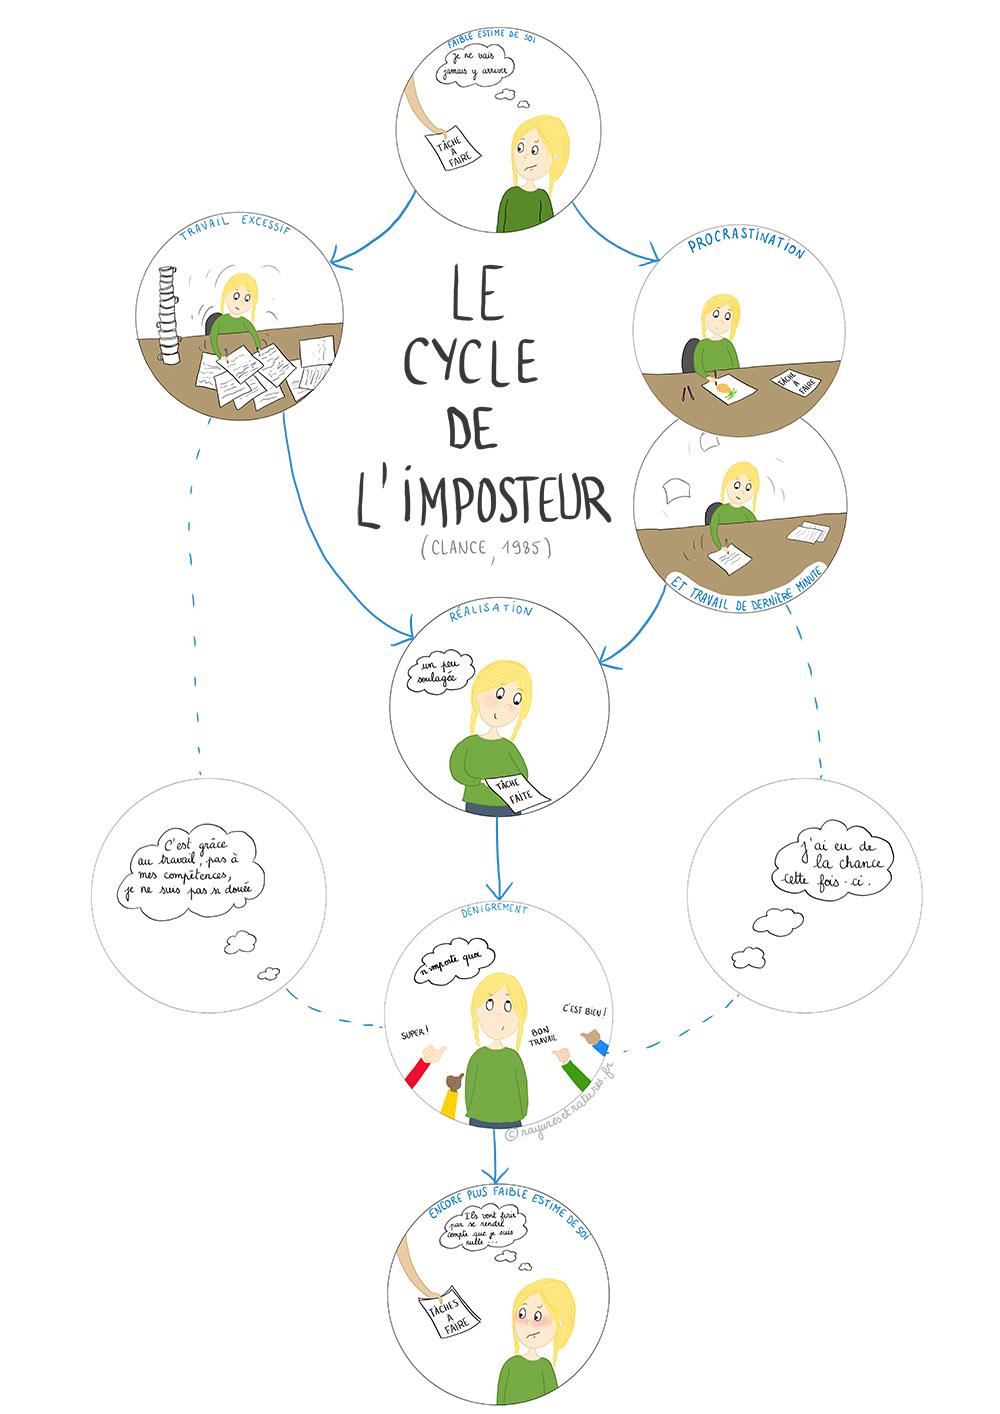 illustration cycle de l'imposteur - clance pauline